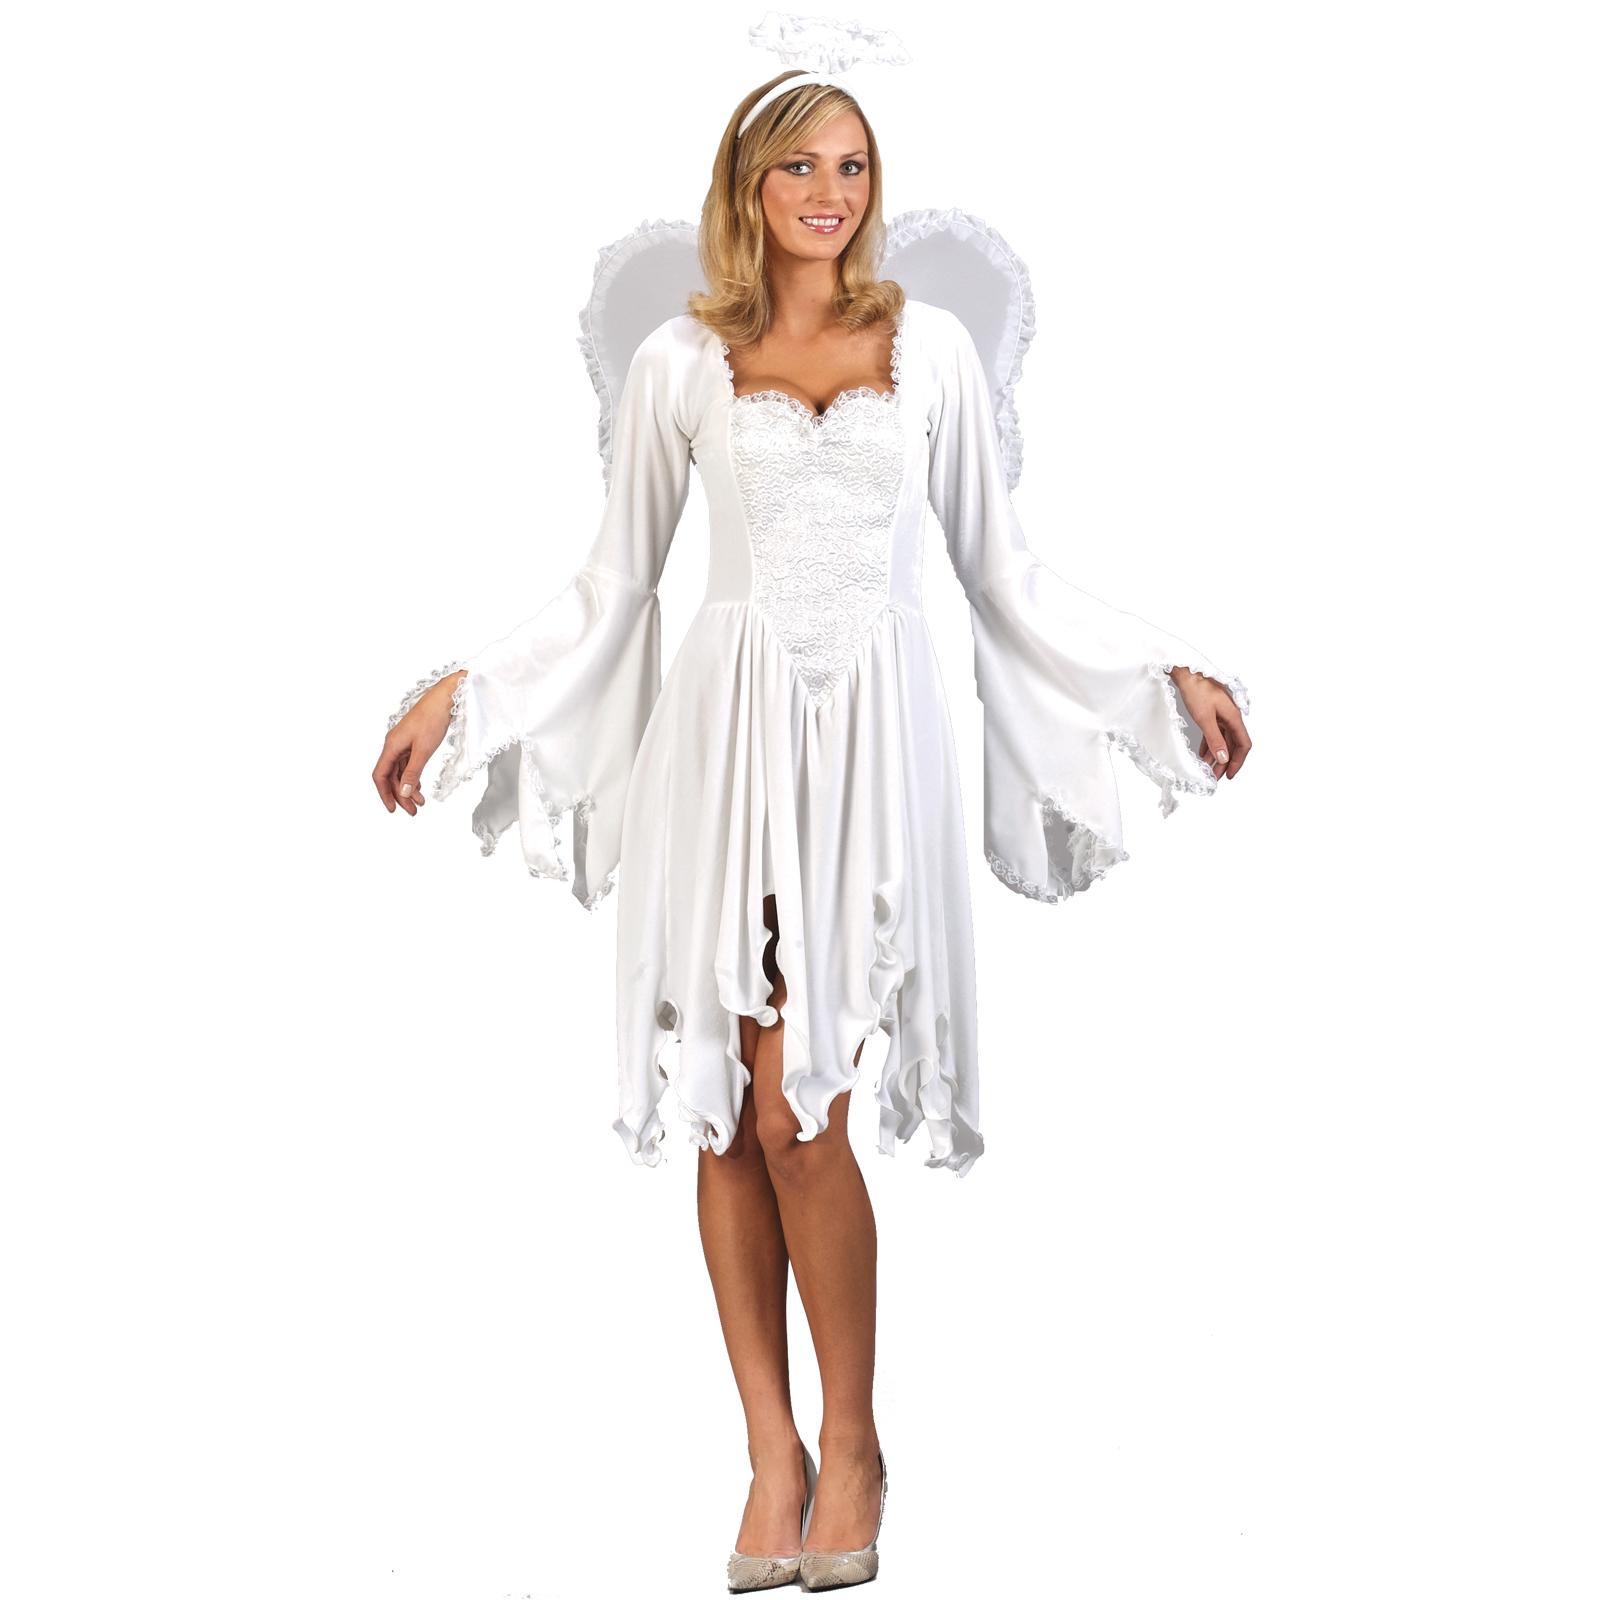 Как своими руками сделать костюм ангела 1